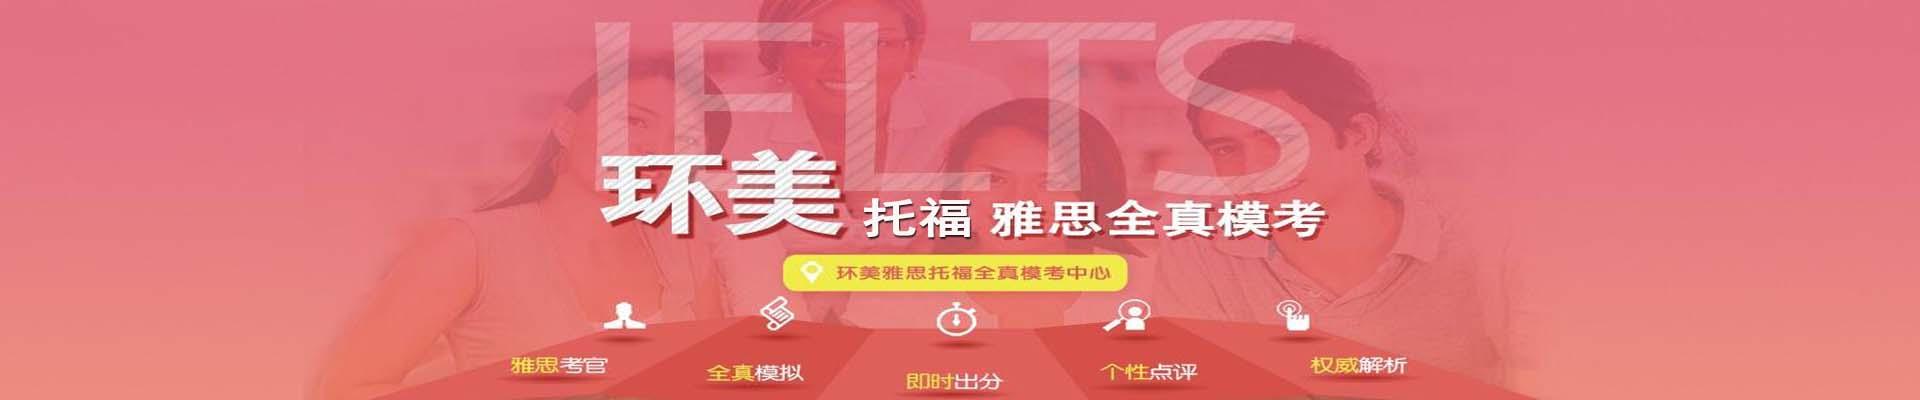 郑州东区龙子湖环美雅思托福培训学校